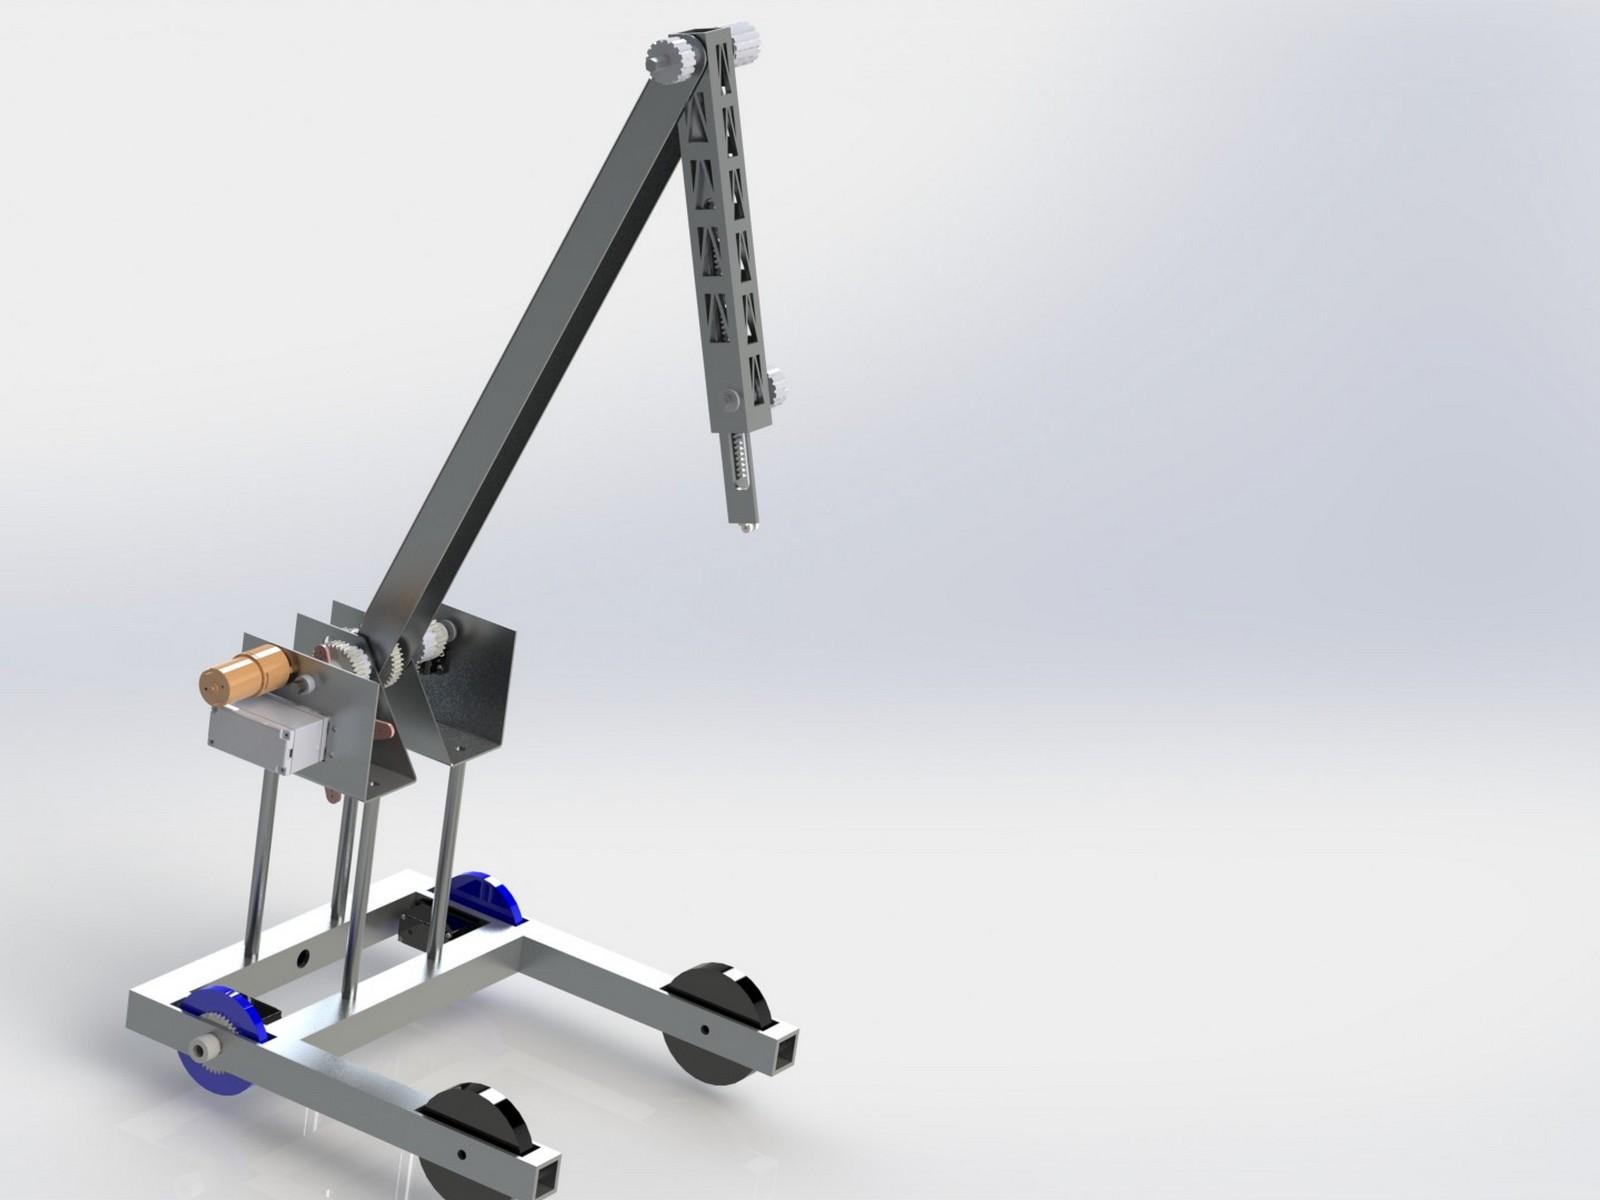 robot-cad-model